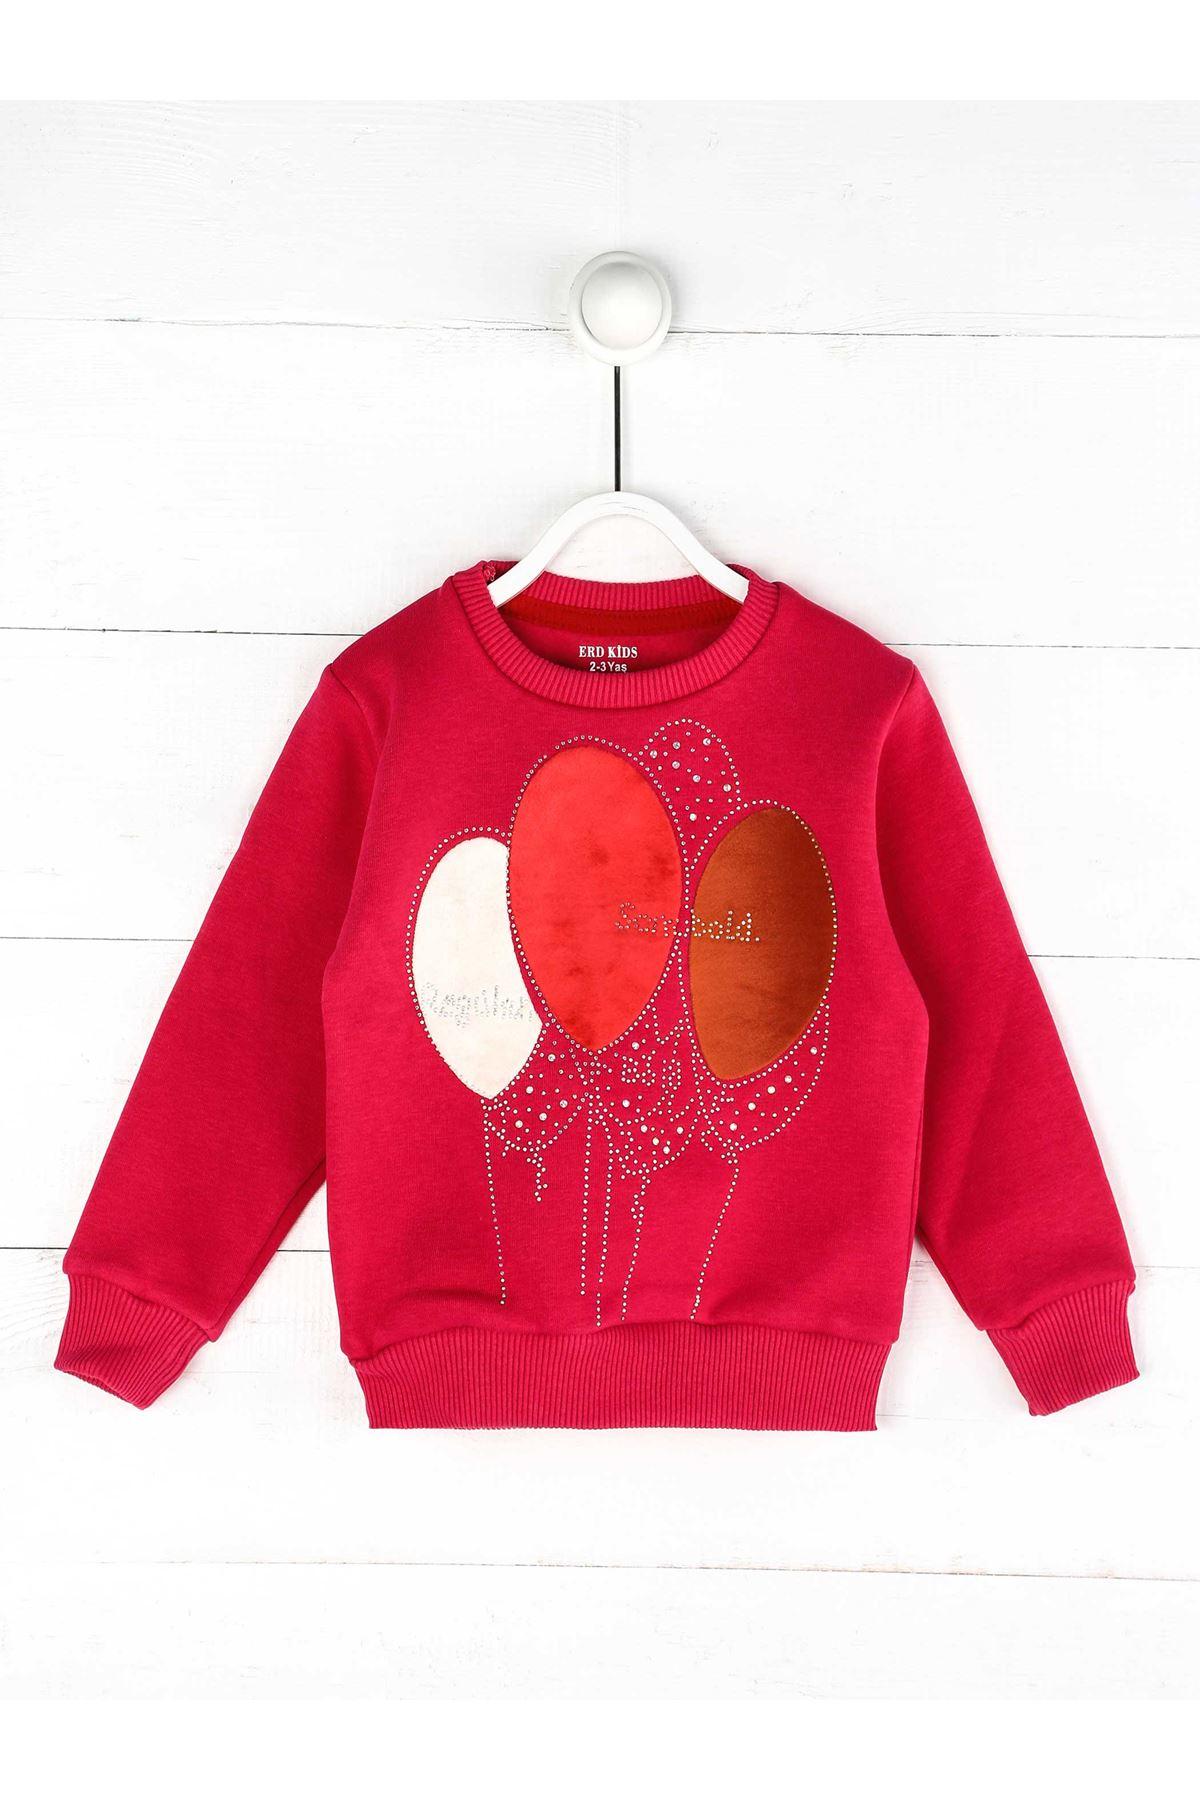 Damson Winter Girls Children Sweatshirts